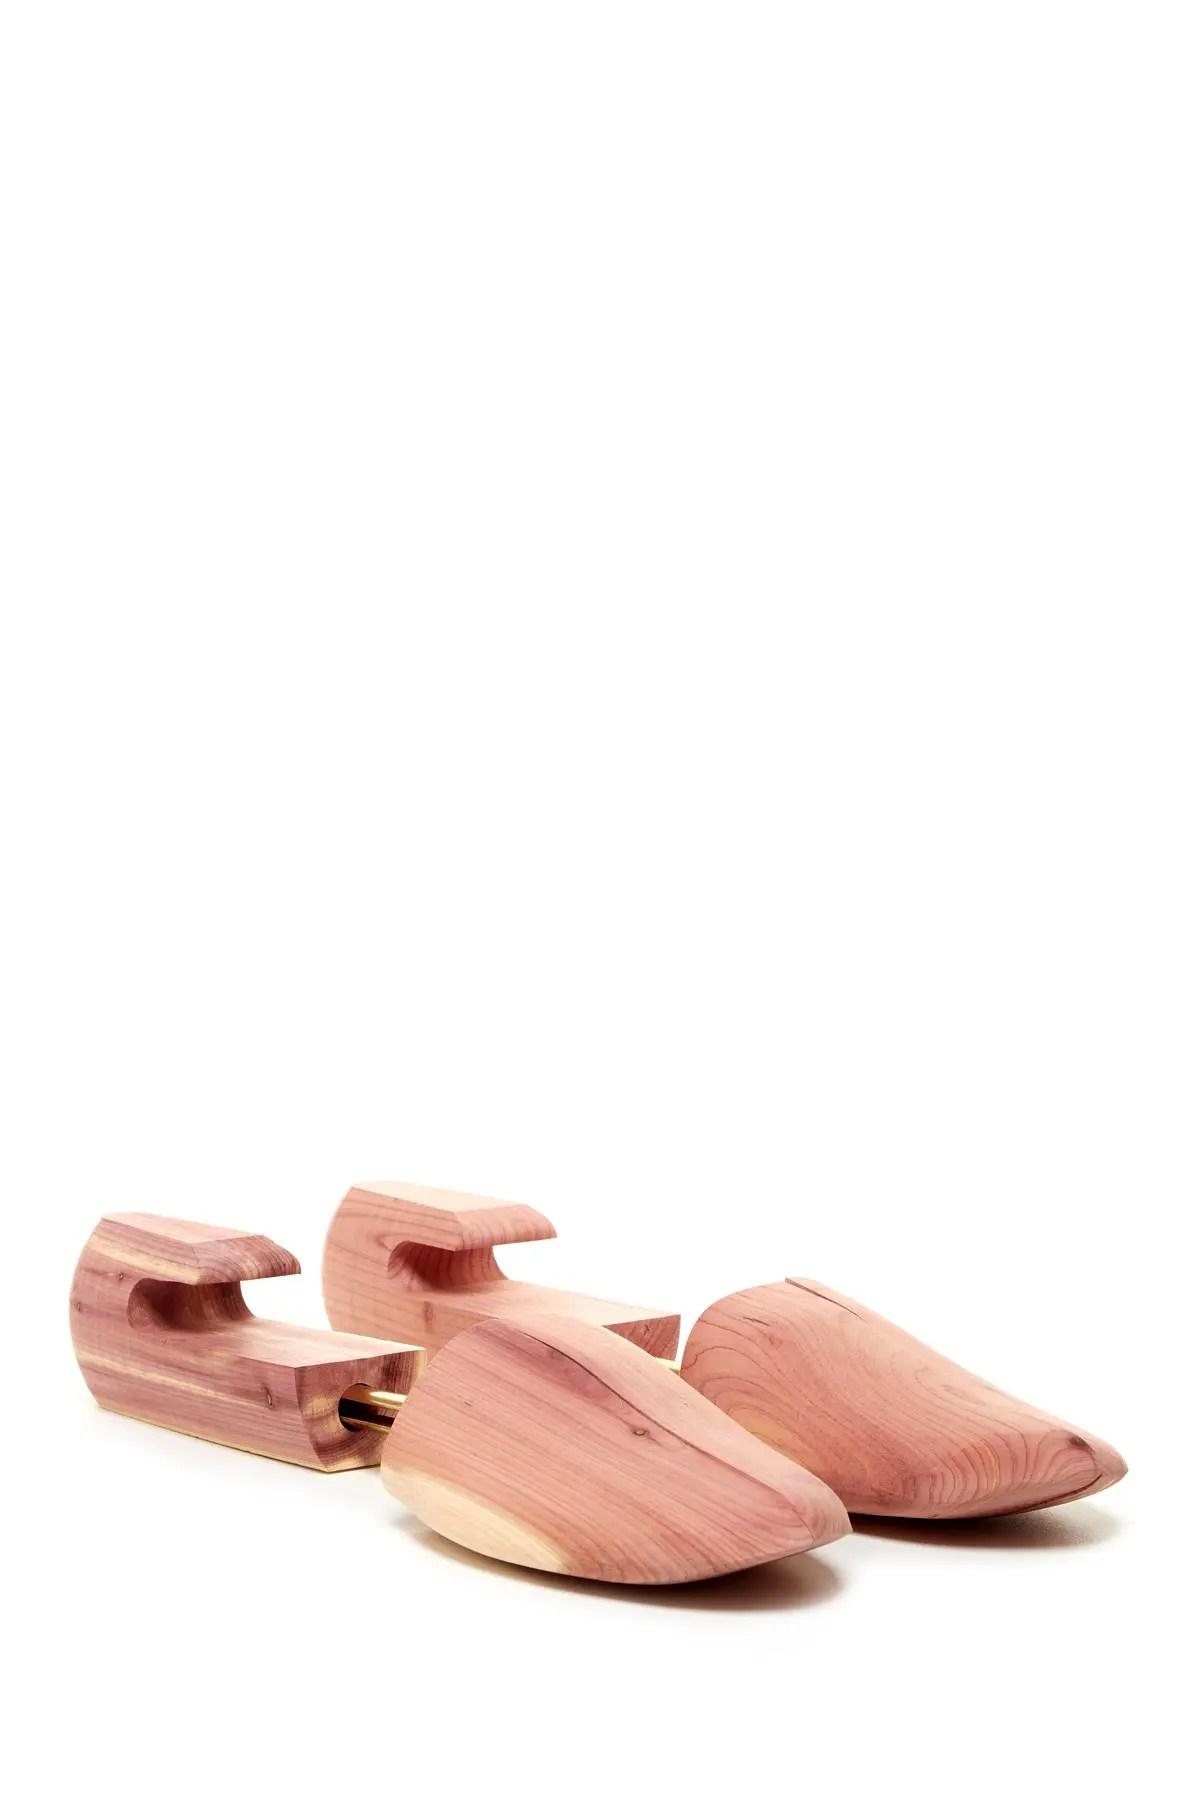 nordstrom made shoes nordstrom rack